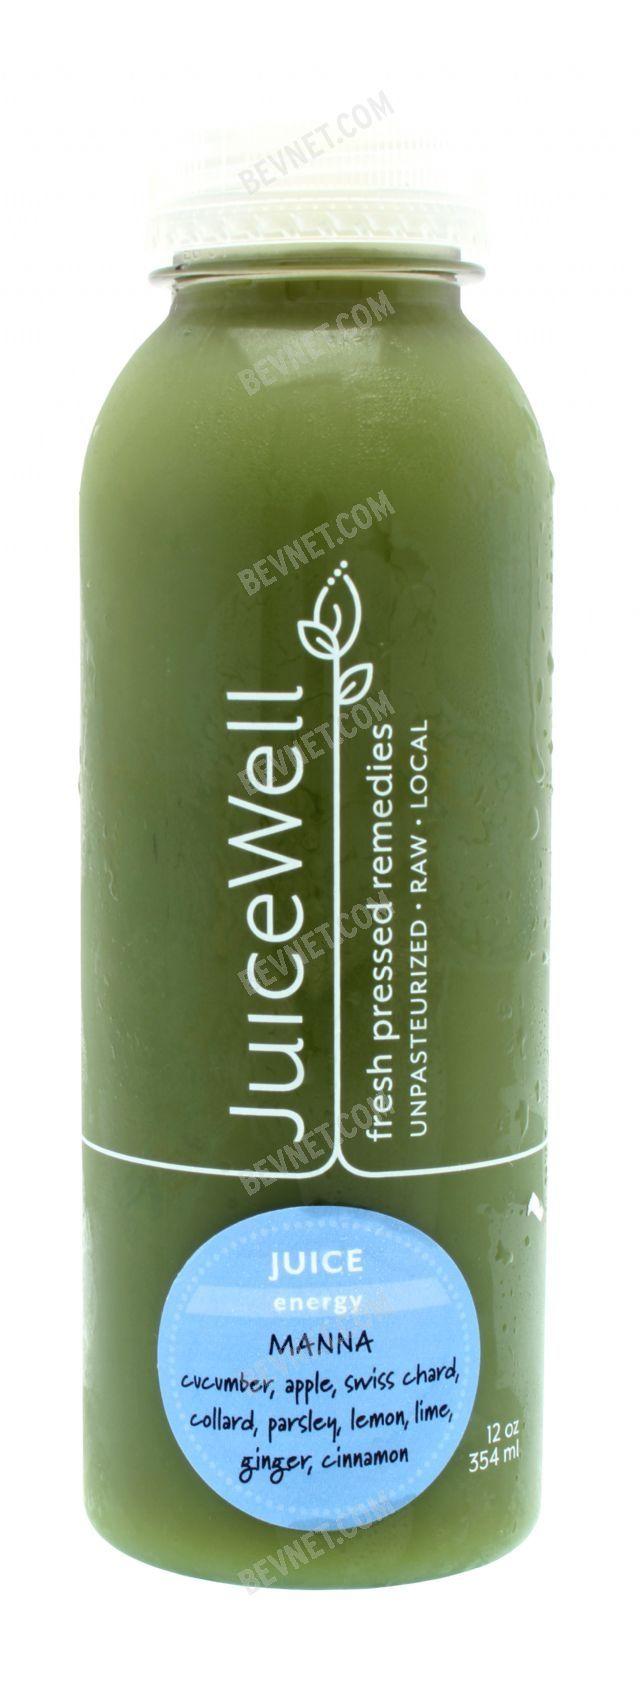 JuiceWell: